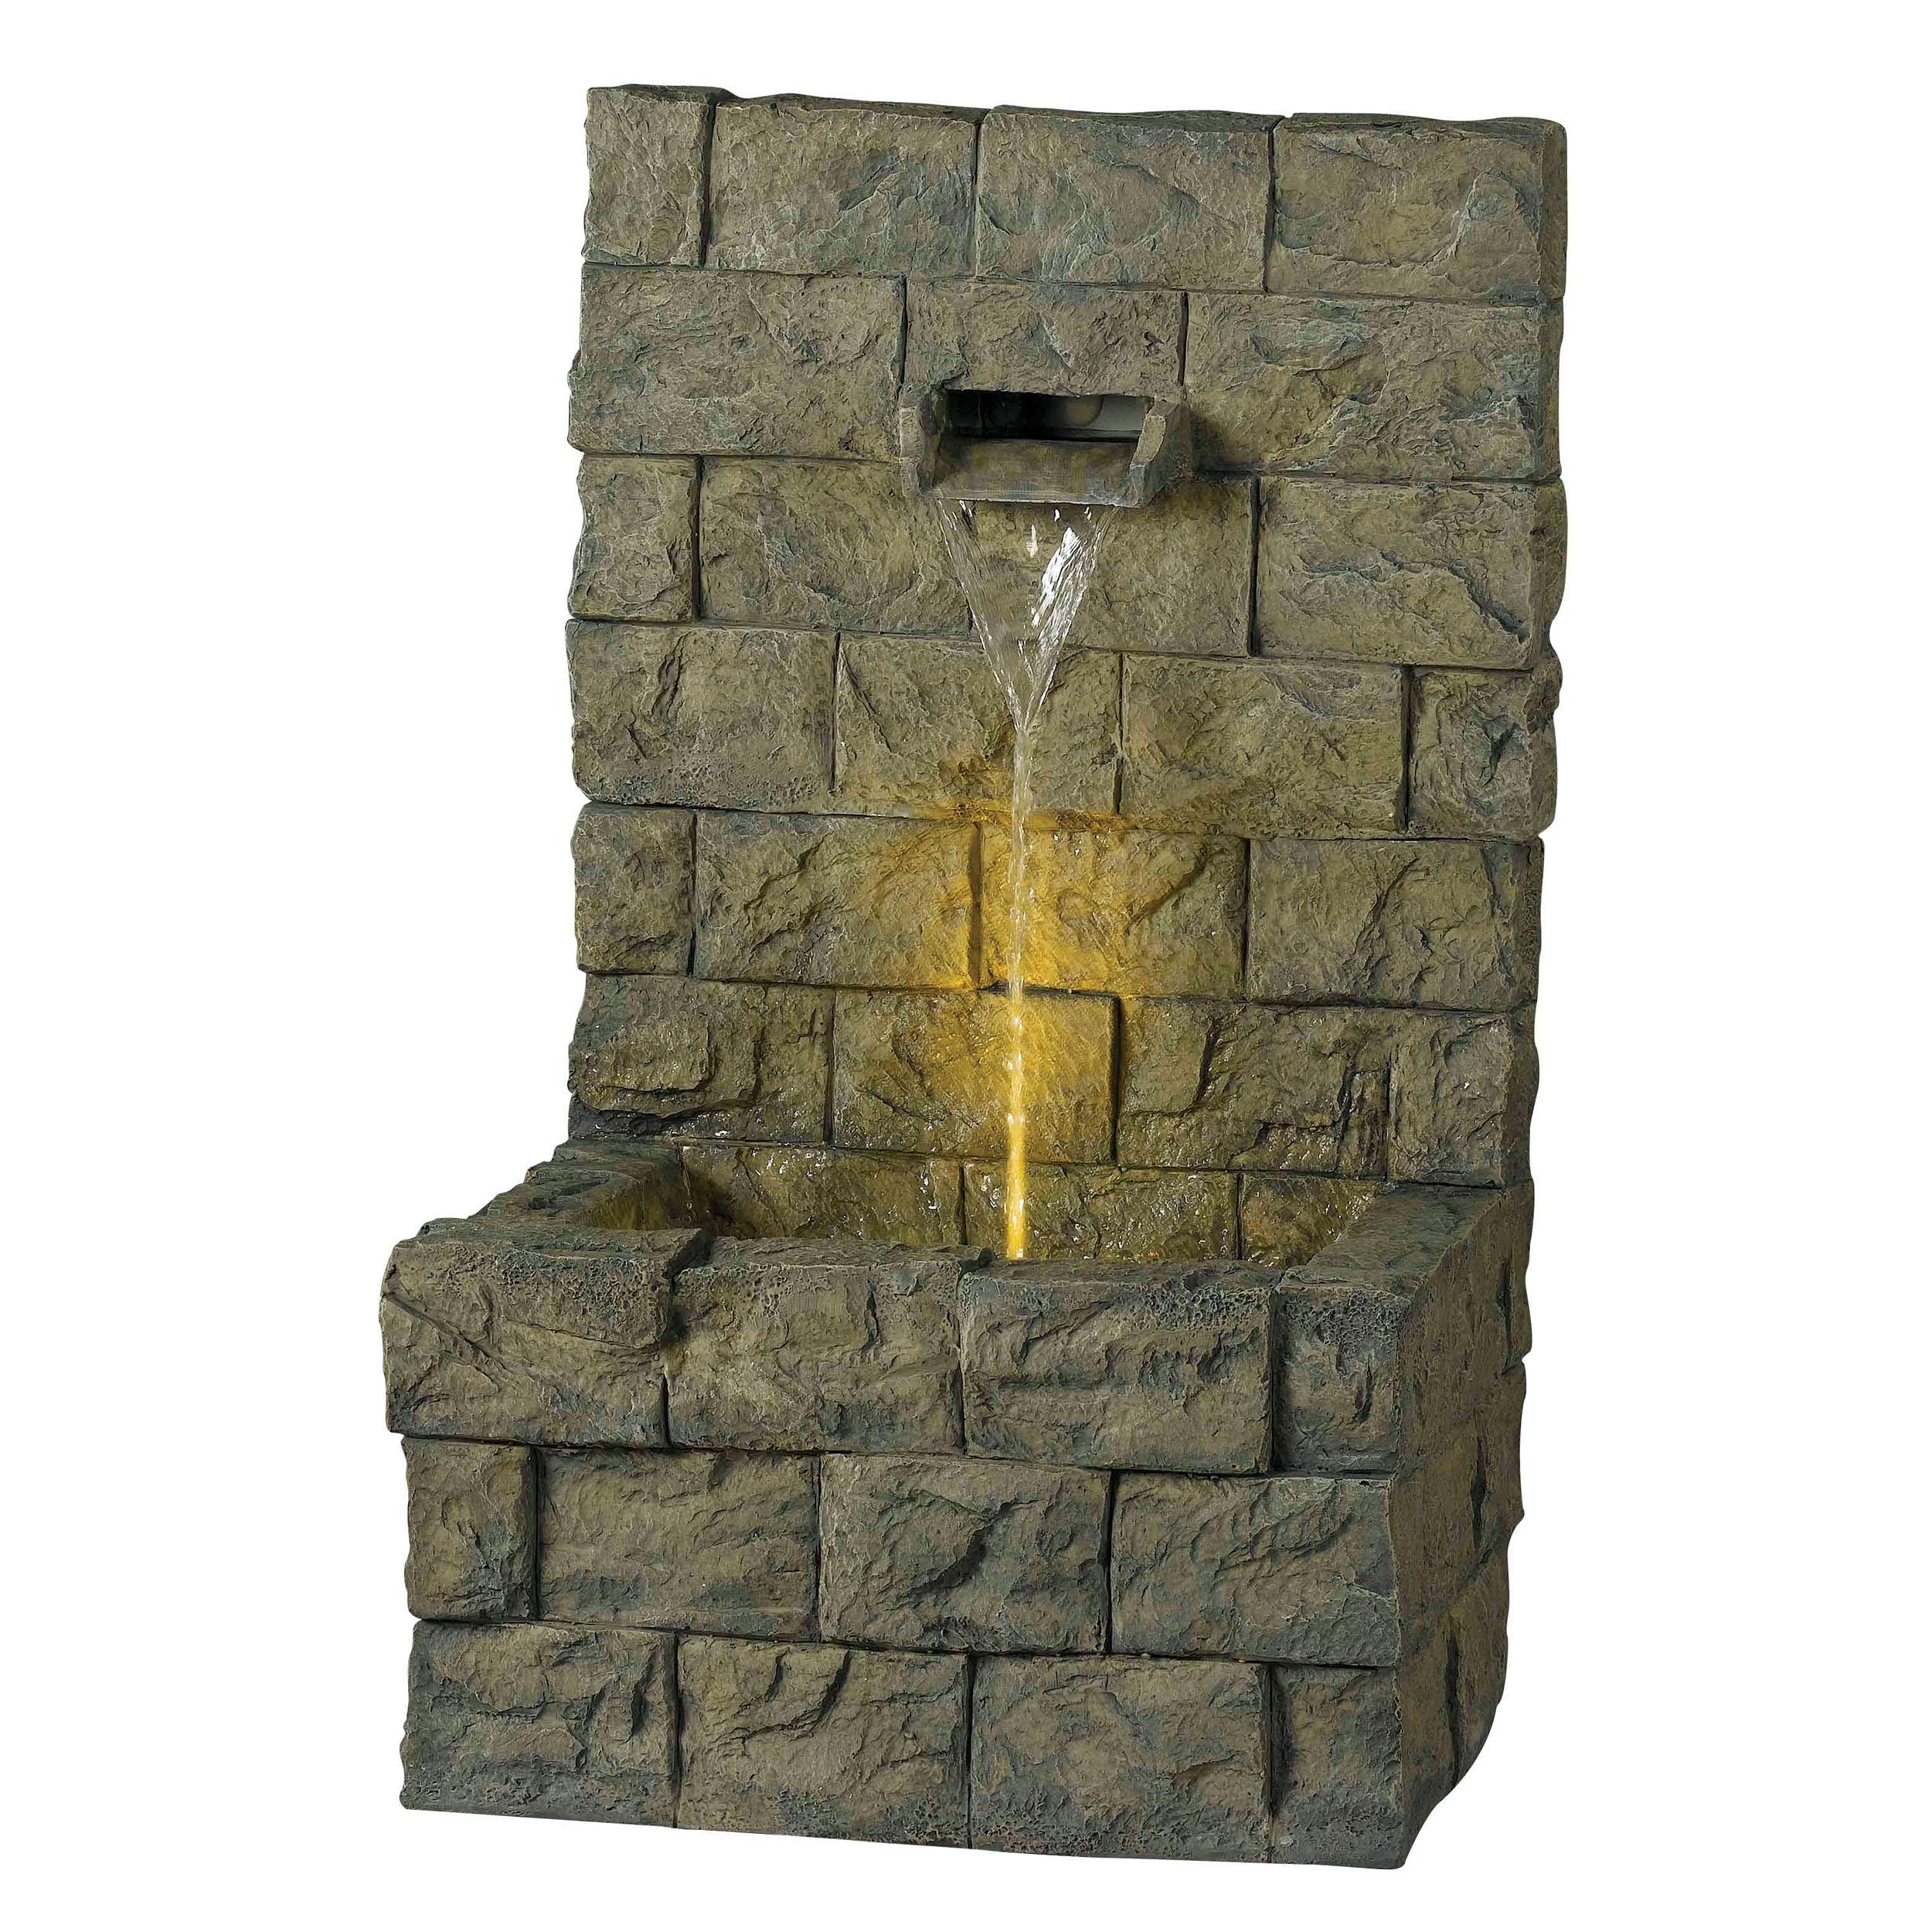 Bolden Outdoor Floor Fountain